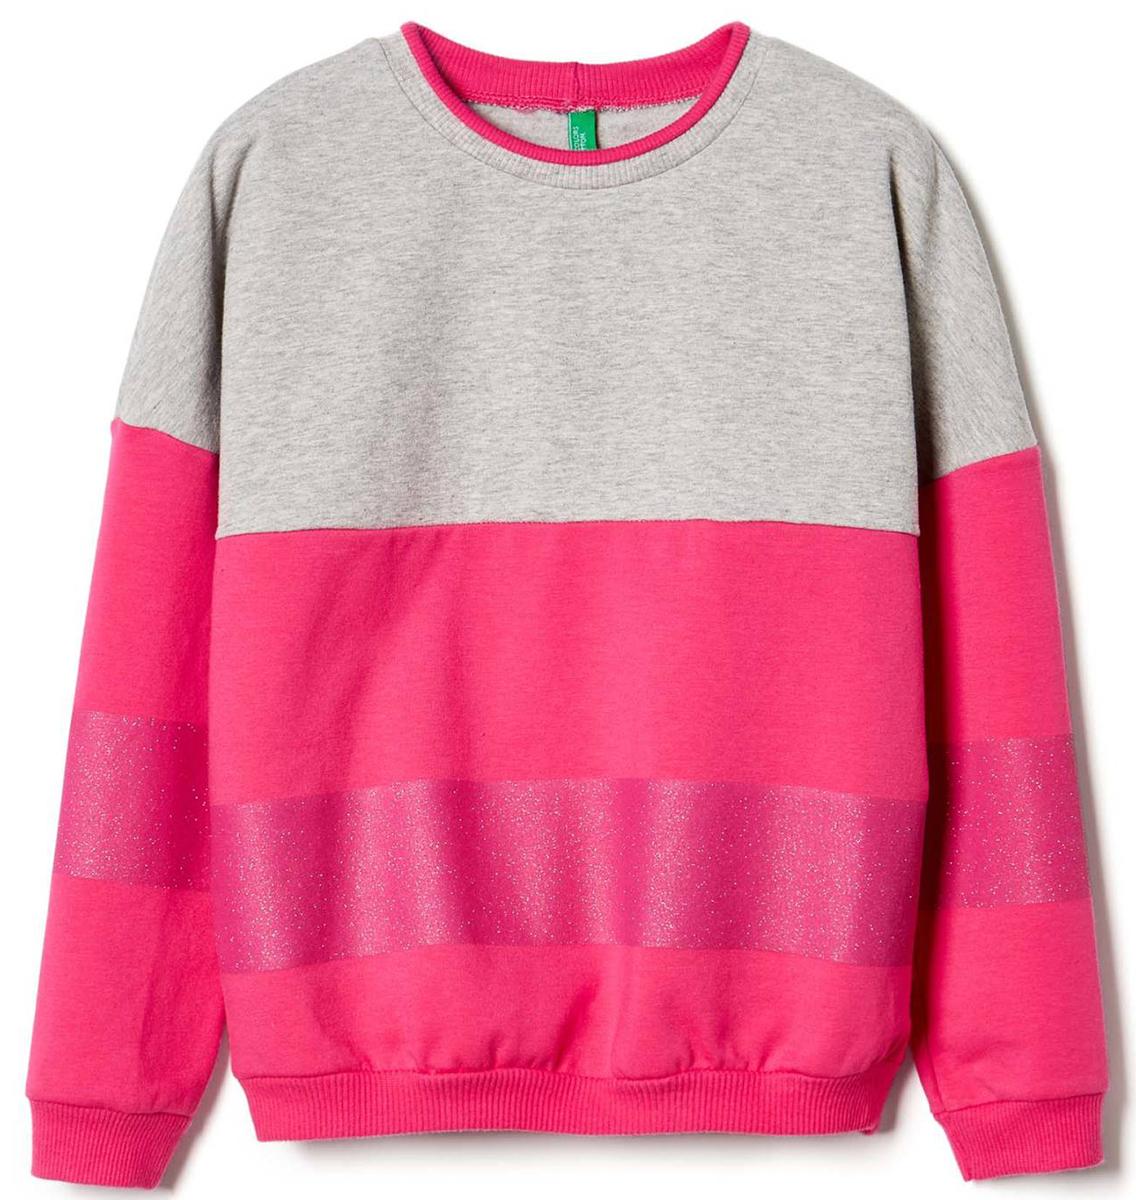 Свитер для девочек United Colors of Benetton, цвет: розовый. 3I1KC13AL_901. Размер 1503I1KC13AL_901